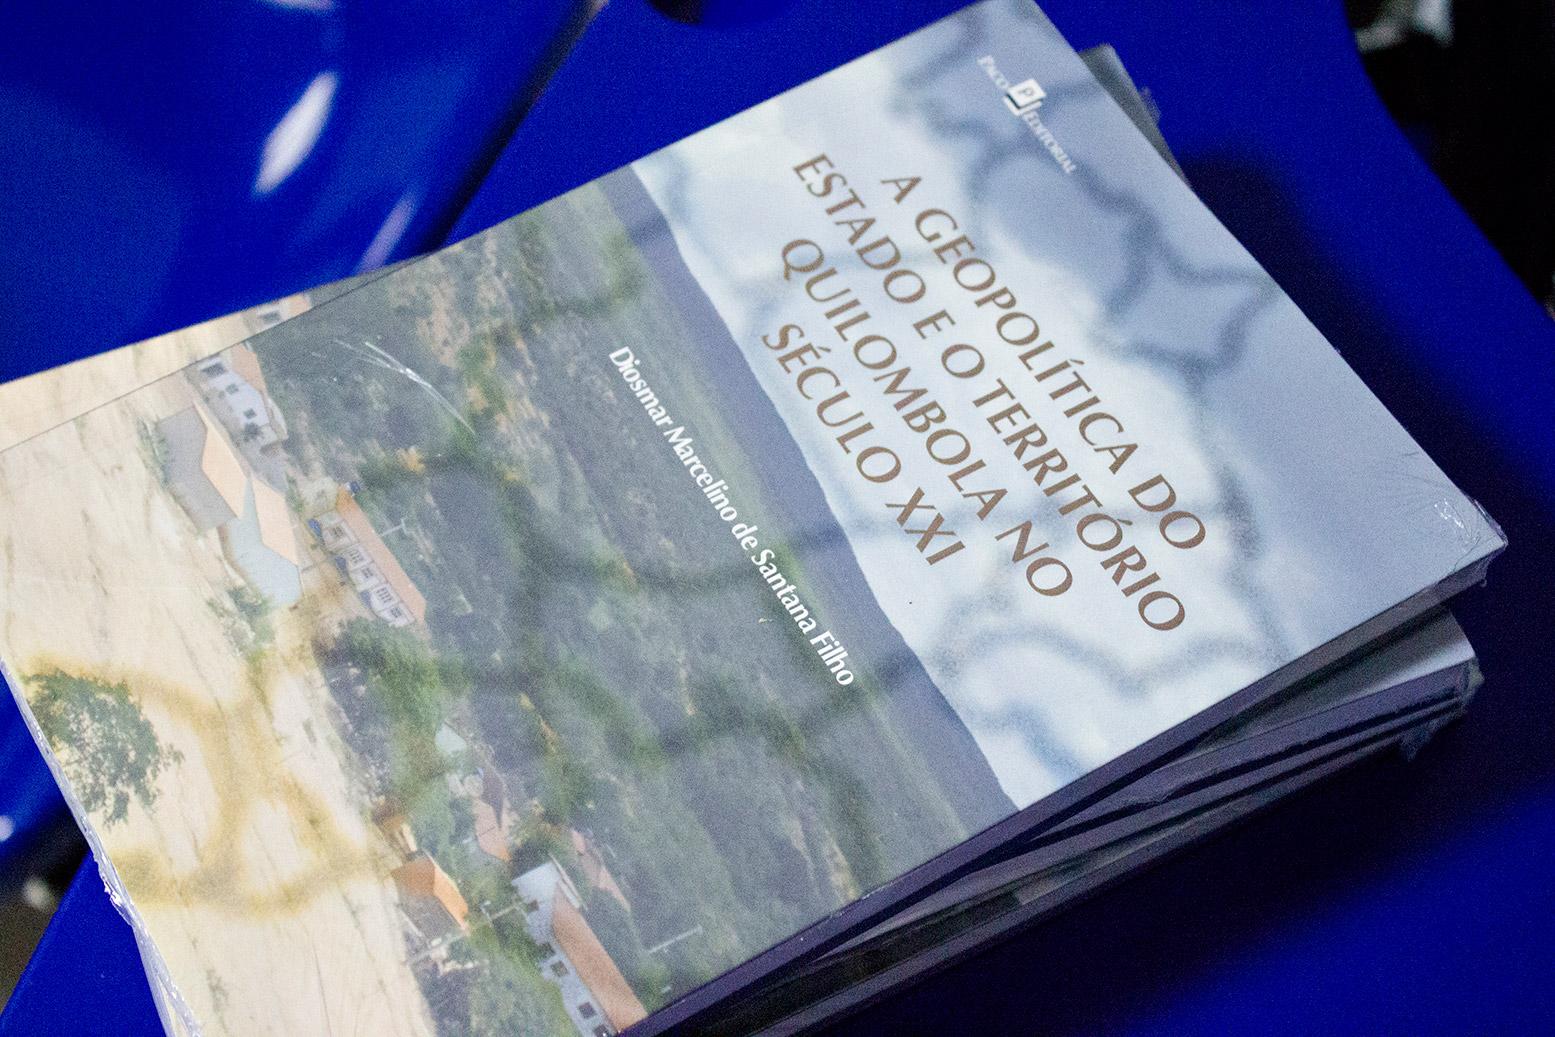 A geopolítica del estado nacional y el territorio Quilombola en el Siglo XXI, de Diosmar Santana